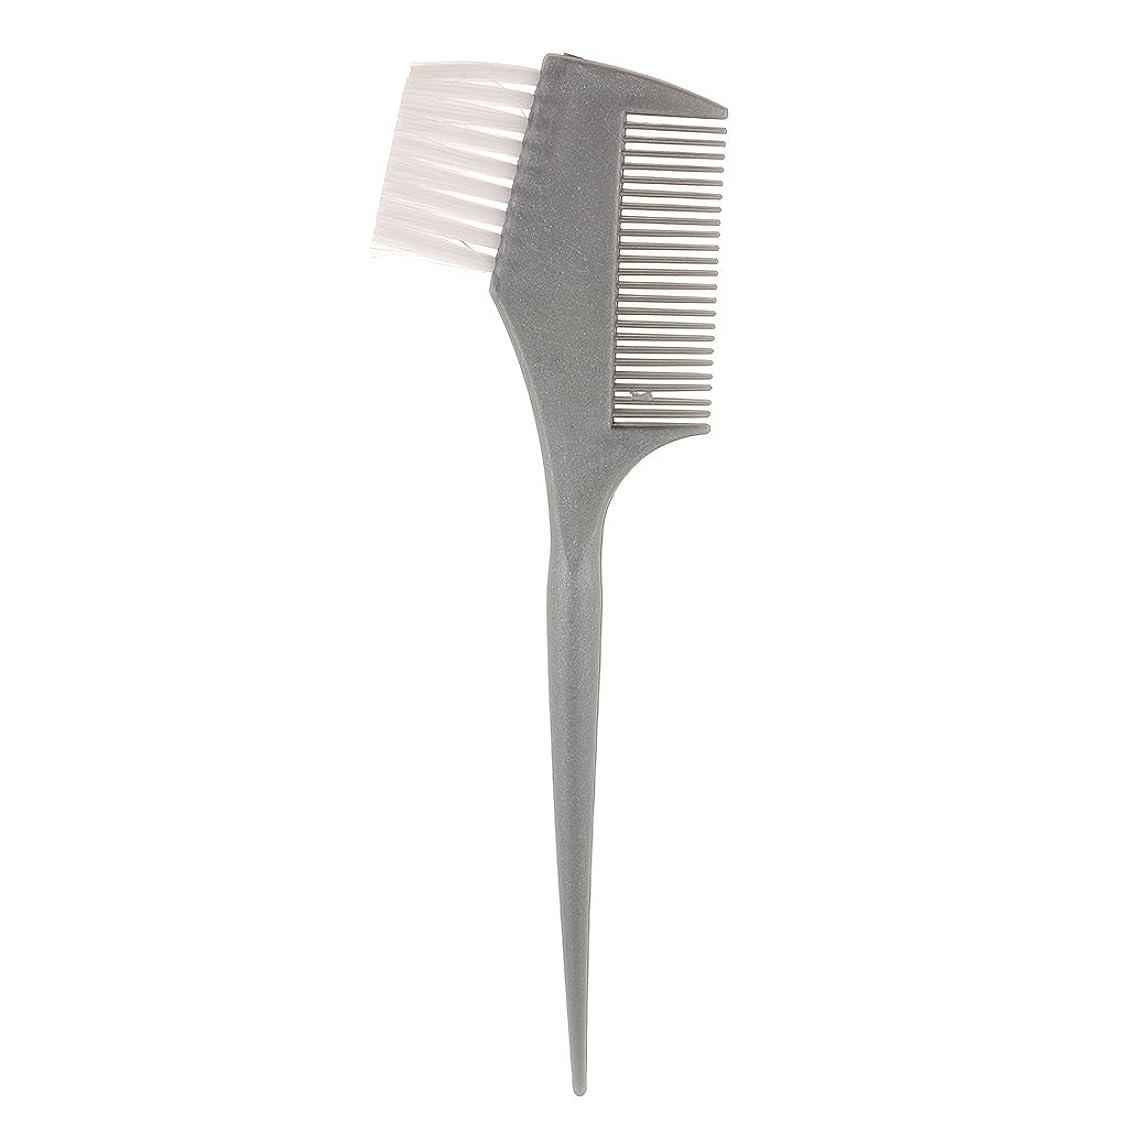 地震全員外科医CUTICATE ヘアダイコーム ヘアカラーコーム ヘアダイブラシ 髪染め ヘアカラー アクセサリー